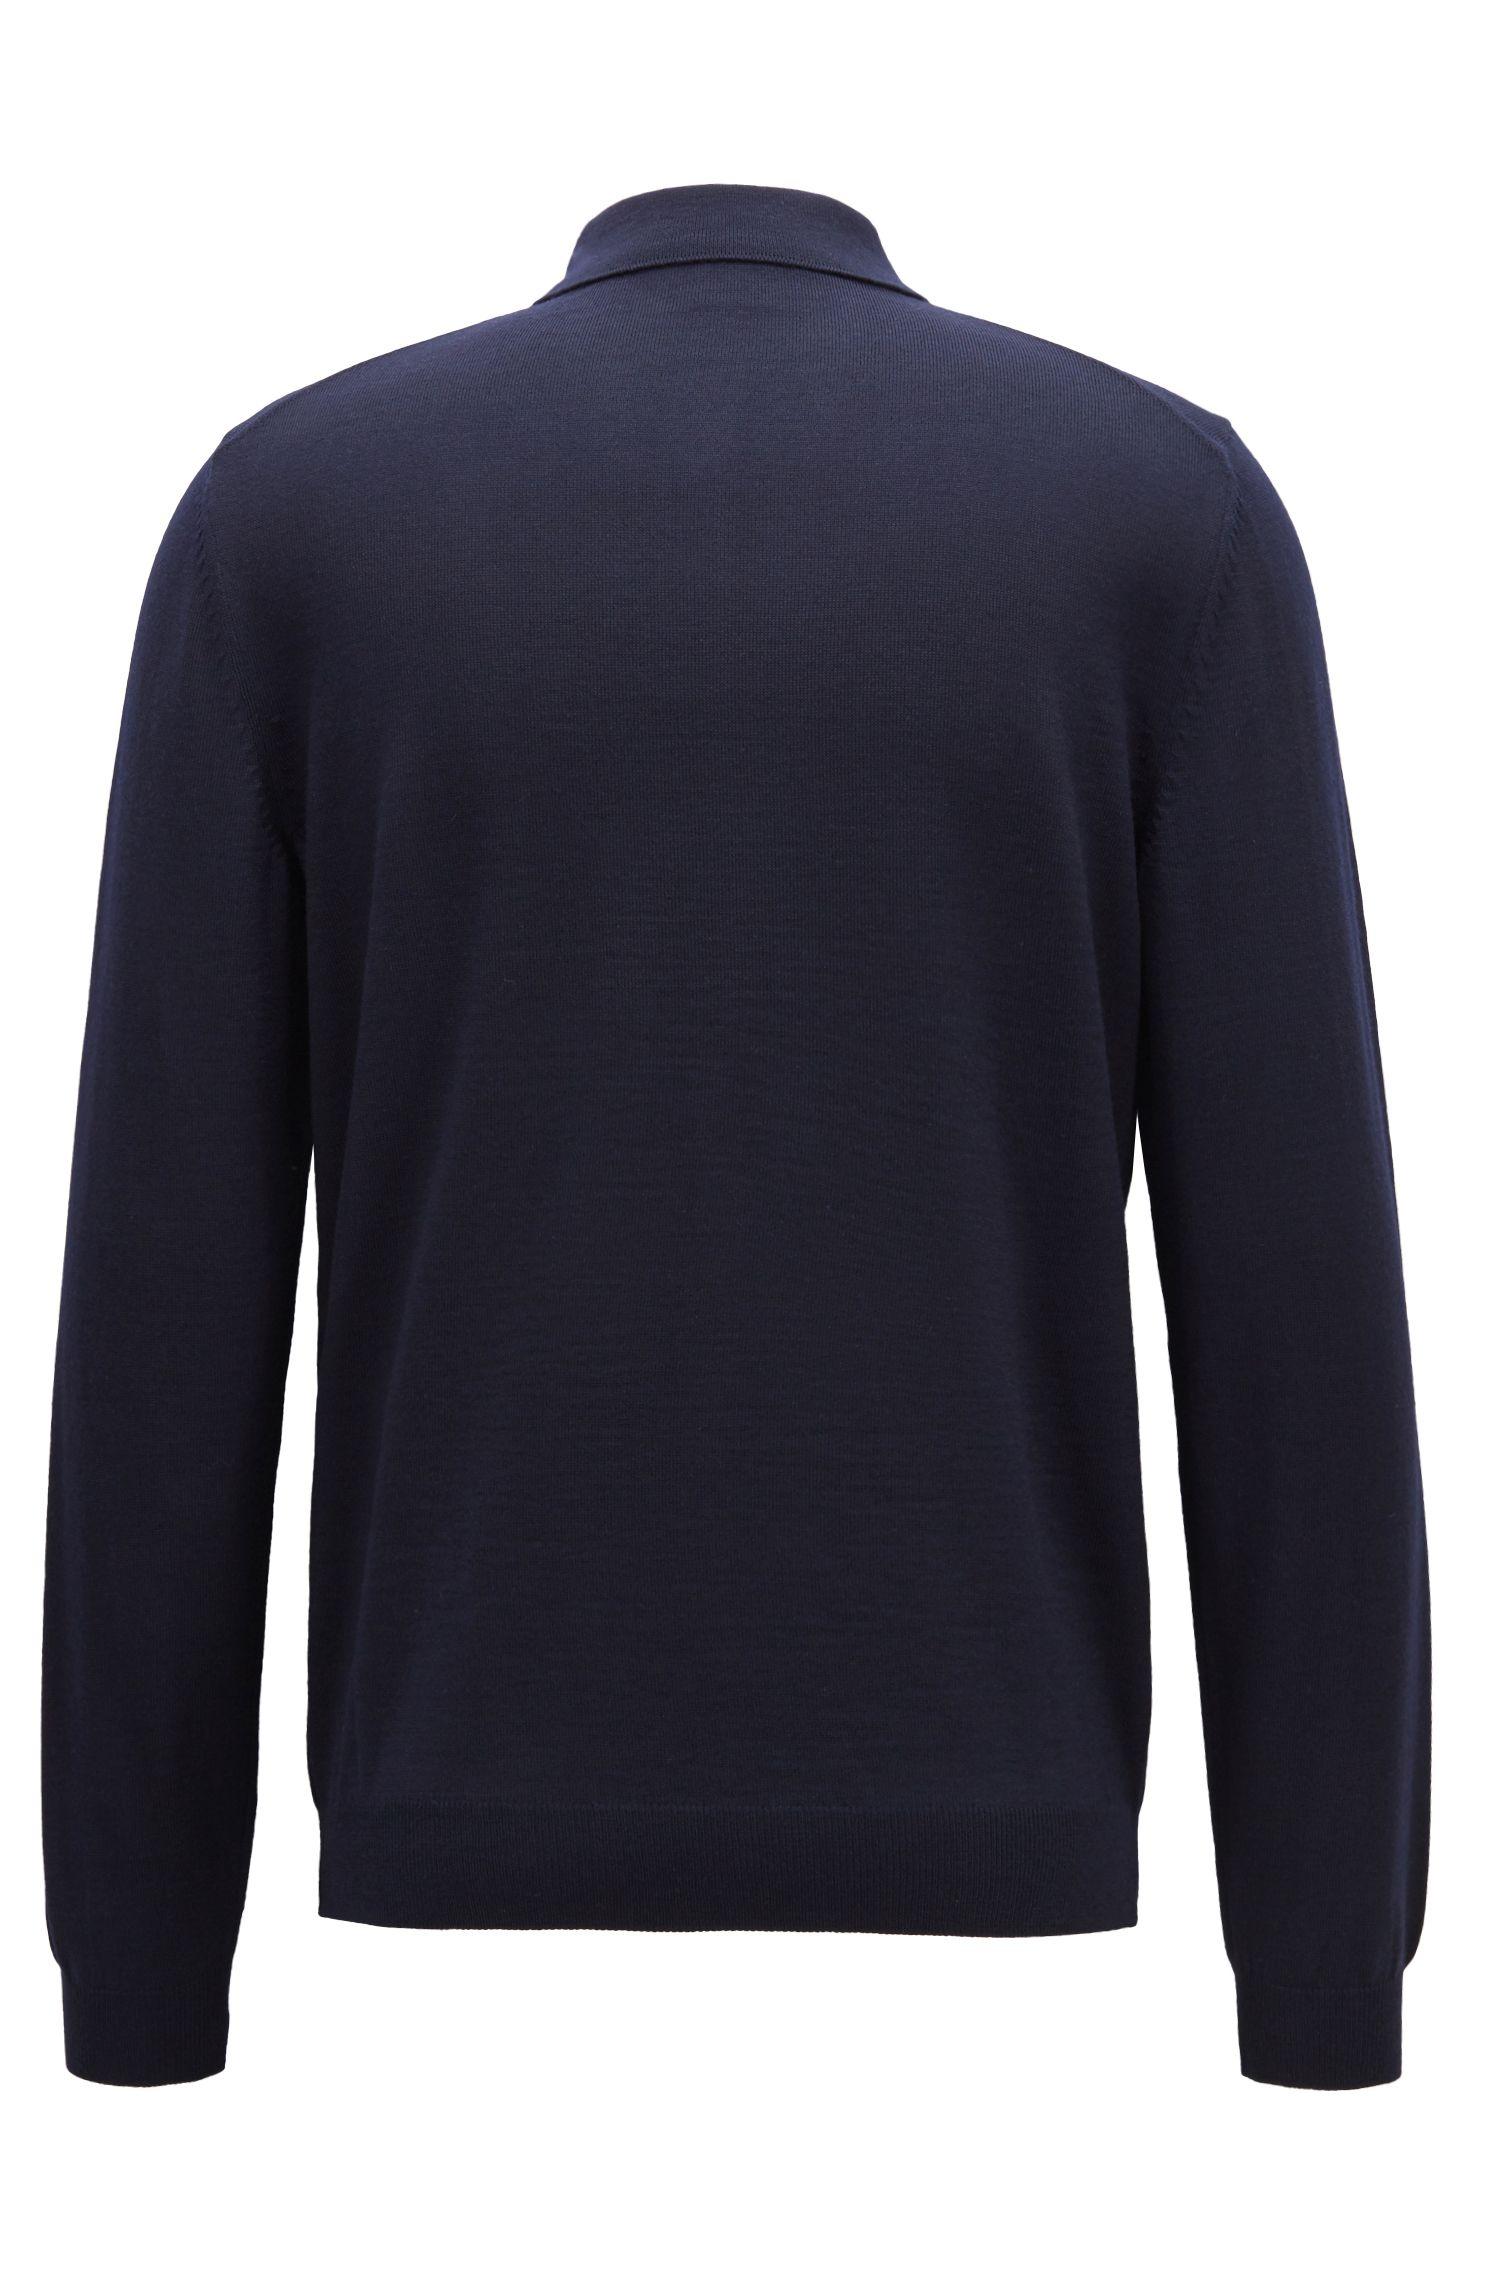 Pullover aus Schurwolle mit Polokragen, Dunkelblau